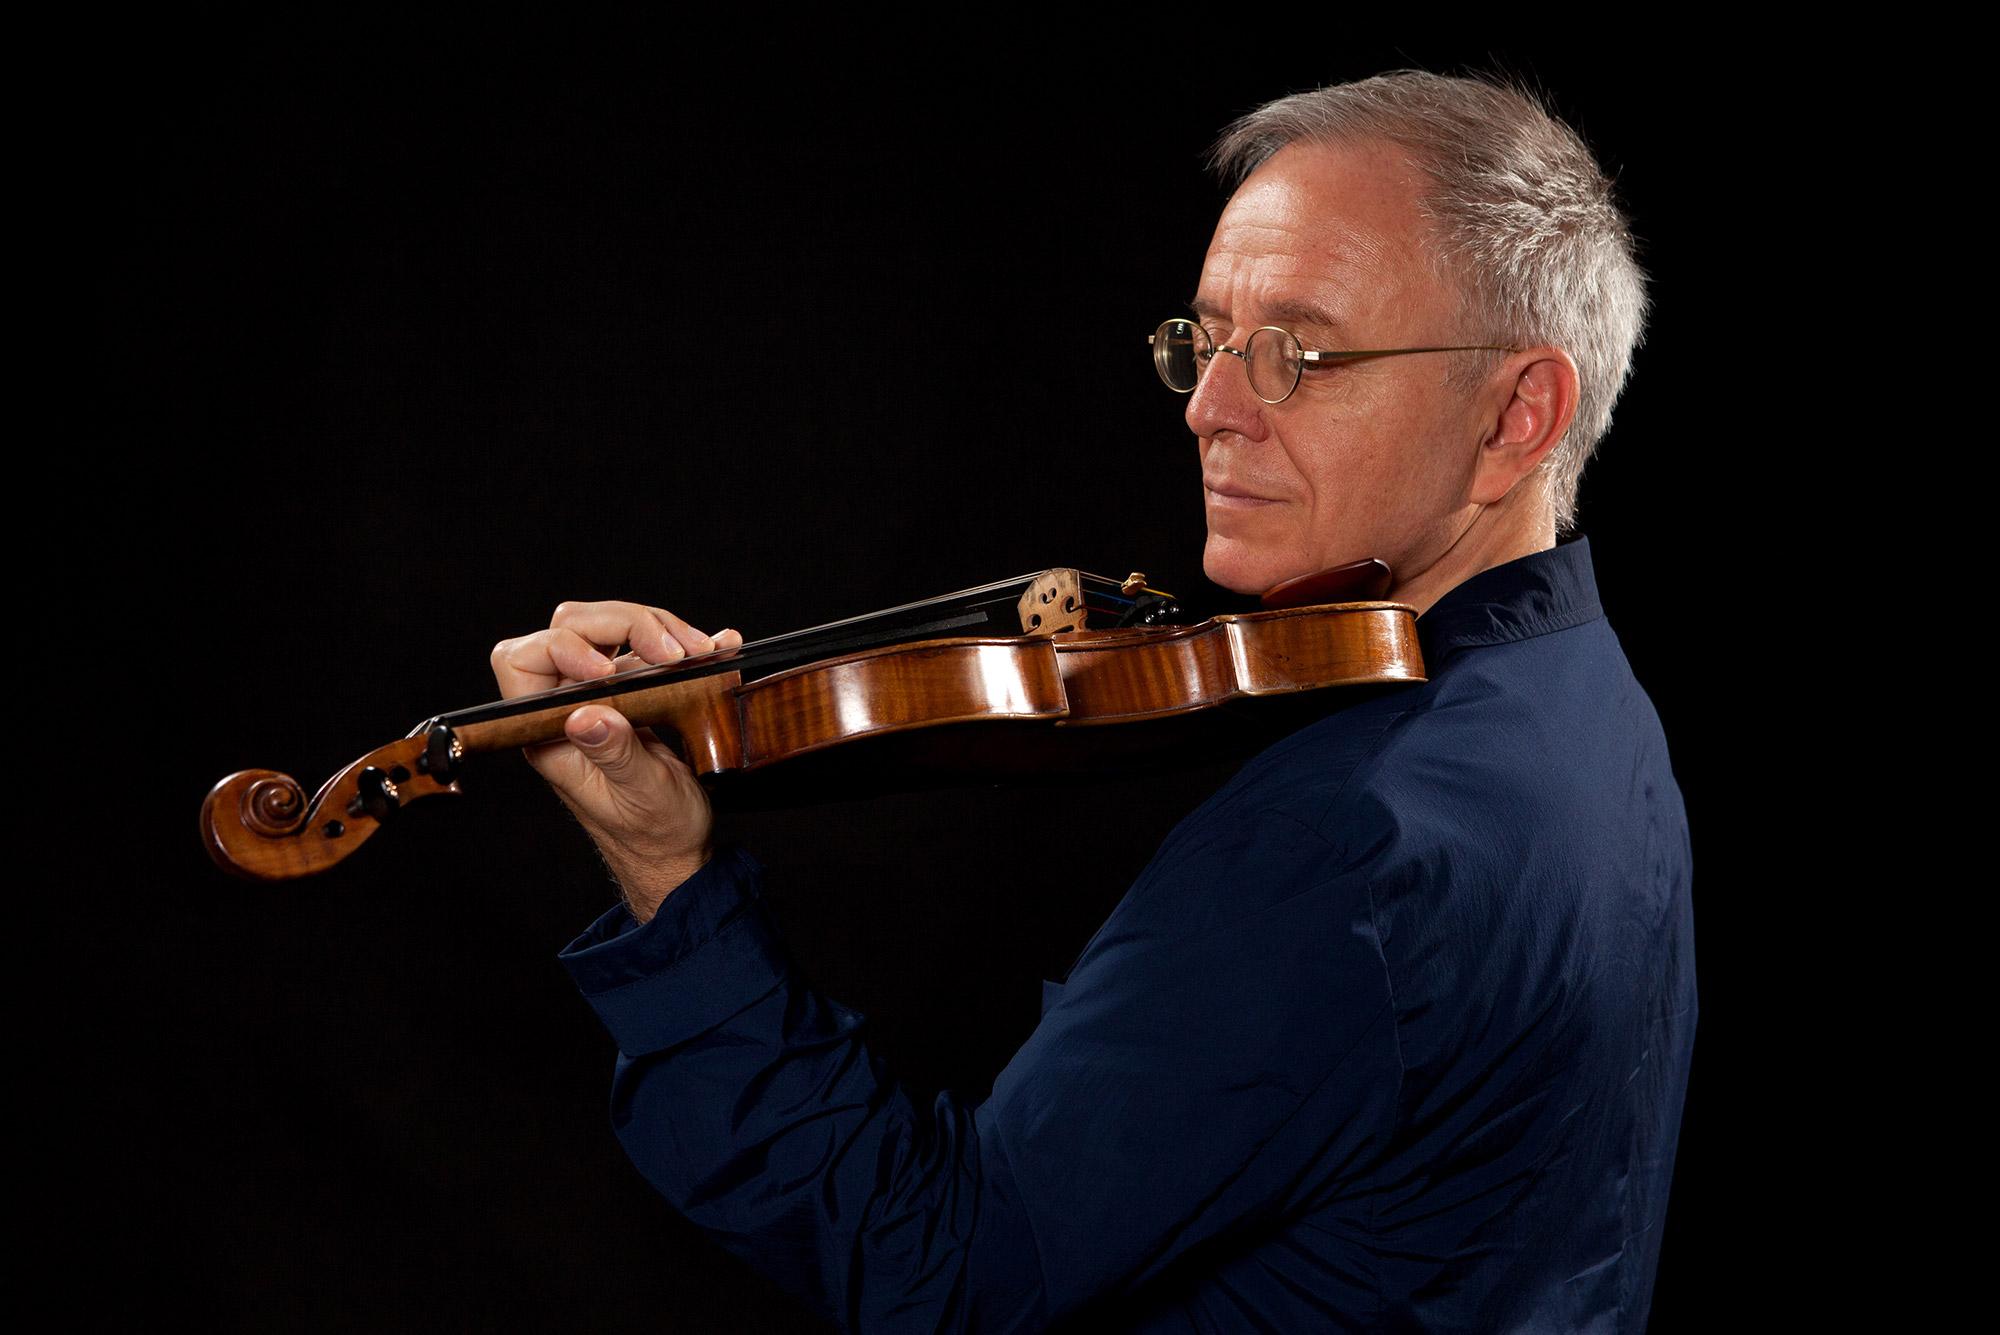 Abschlusskonzert Violin-Meisterkurs Prof. Boris Garlitsky